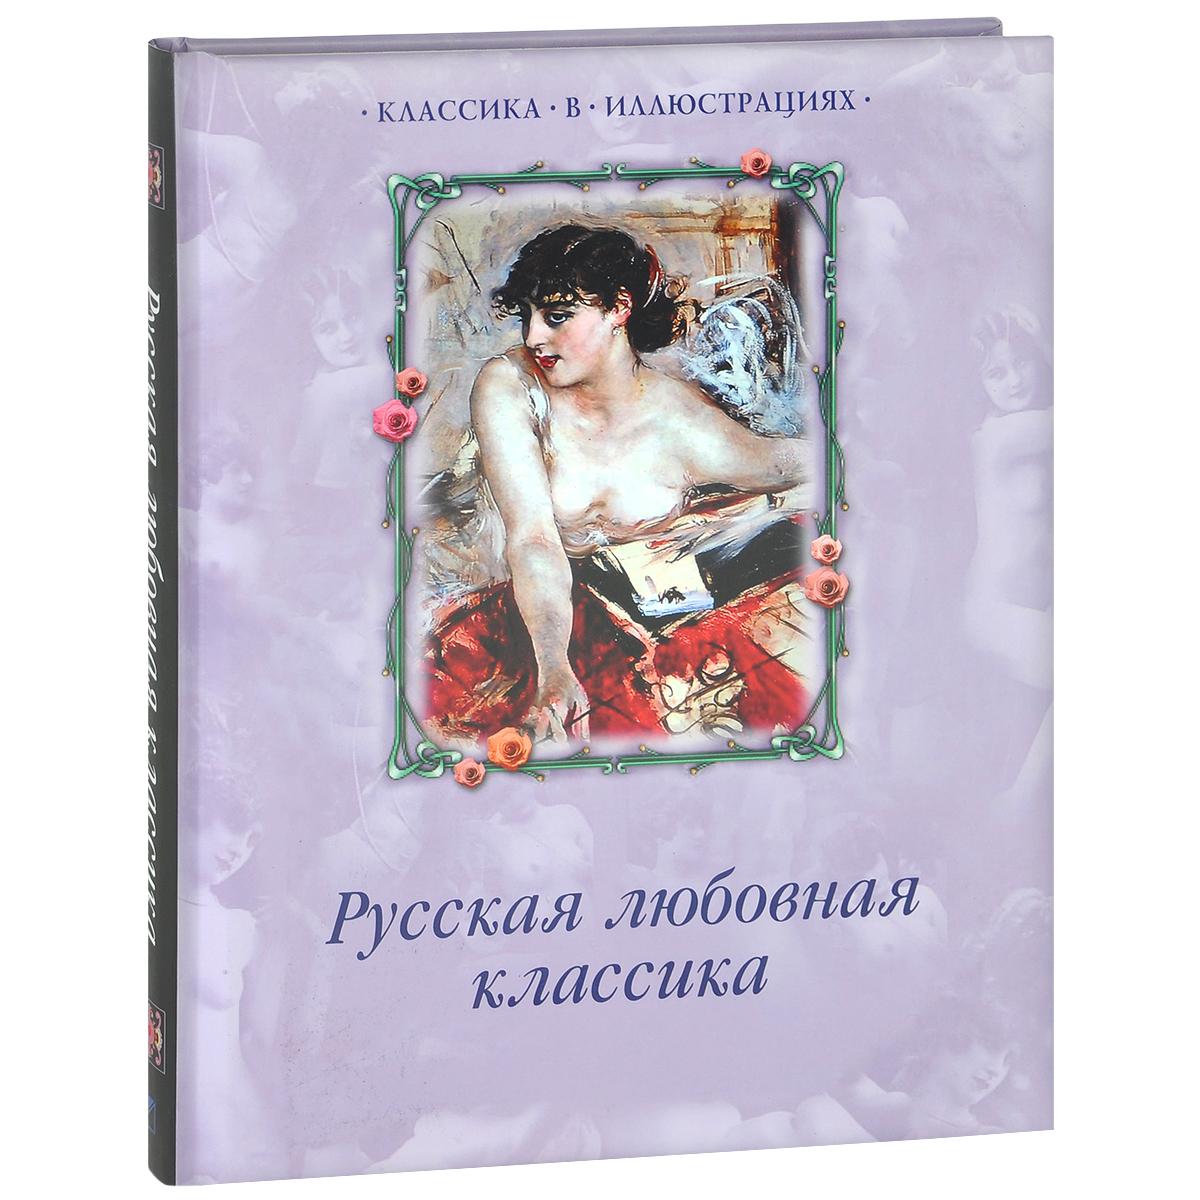 Русская любовная классика